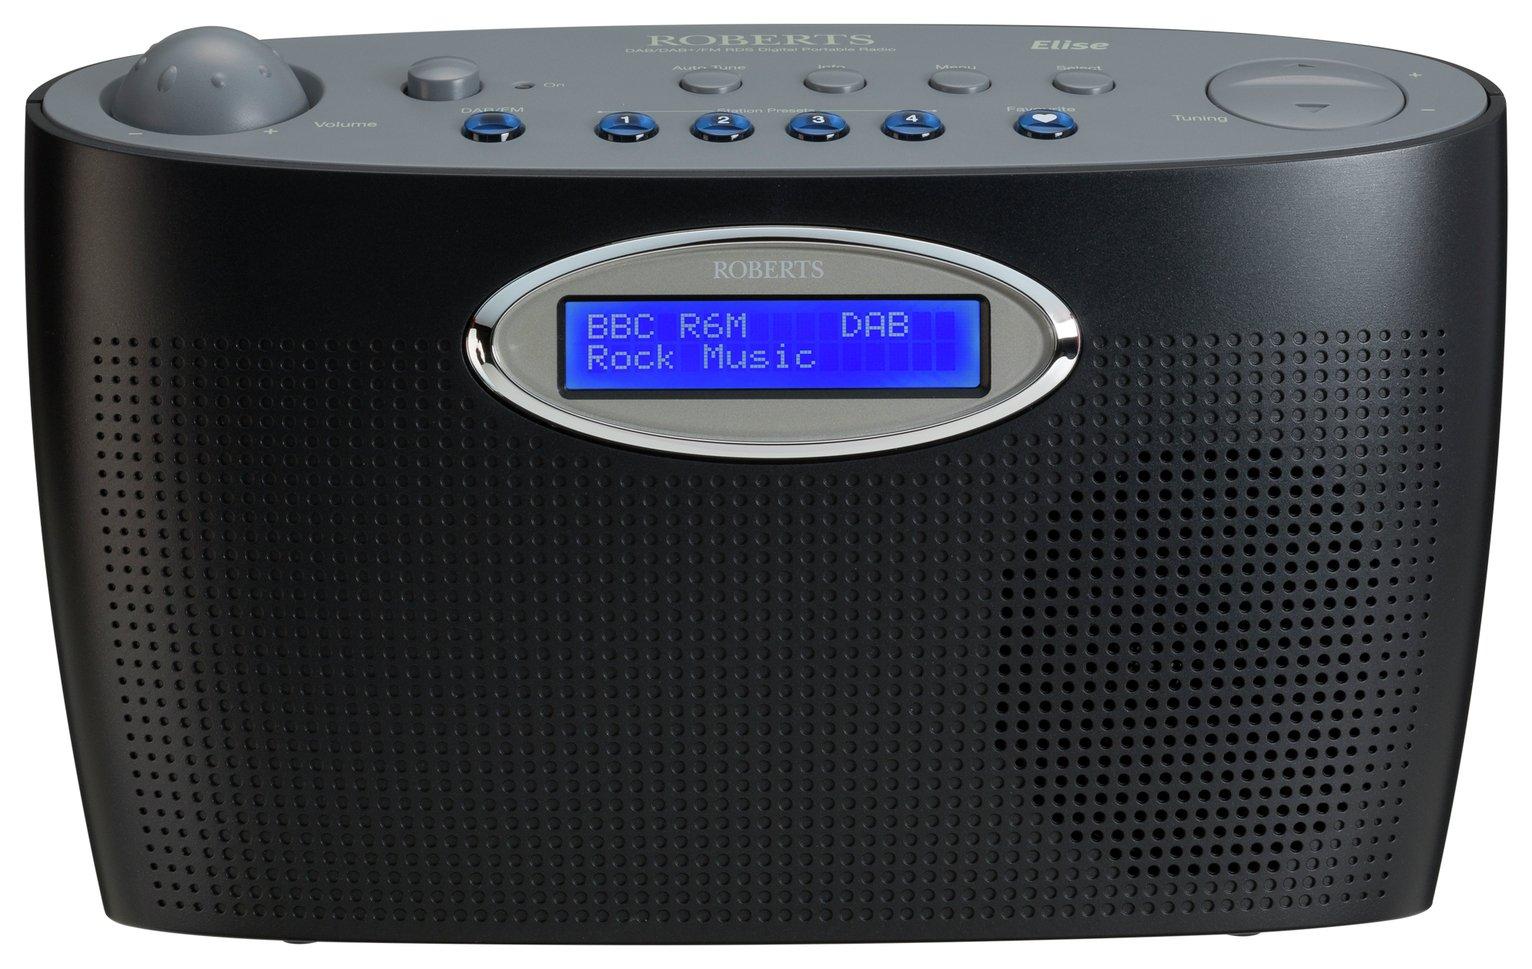 Roberts Elise DAB Radio - Black